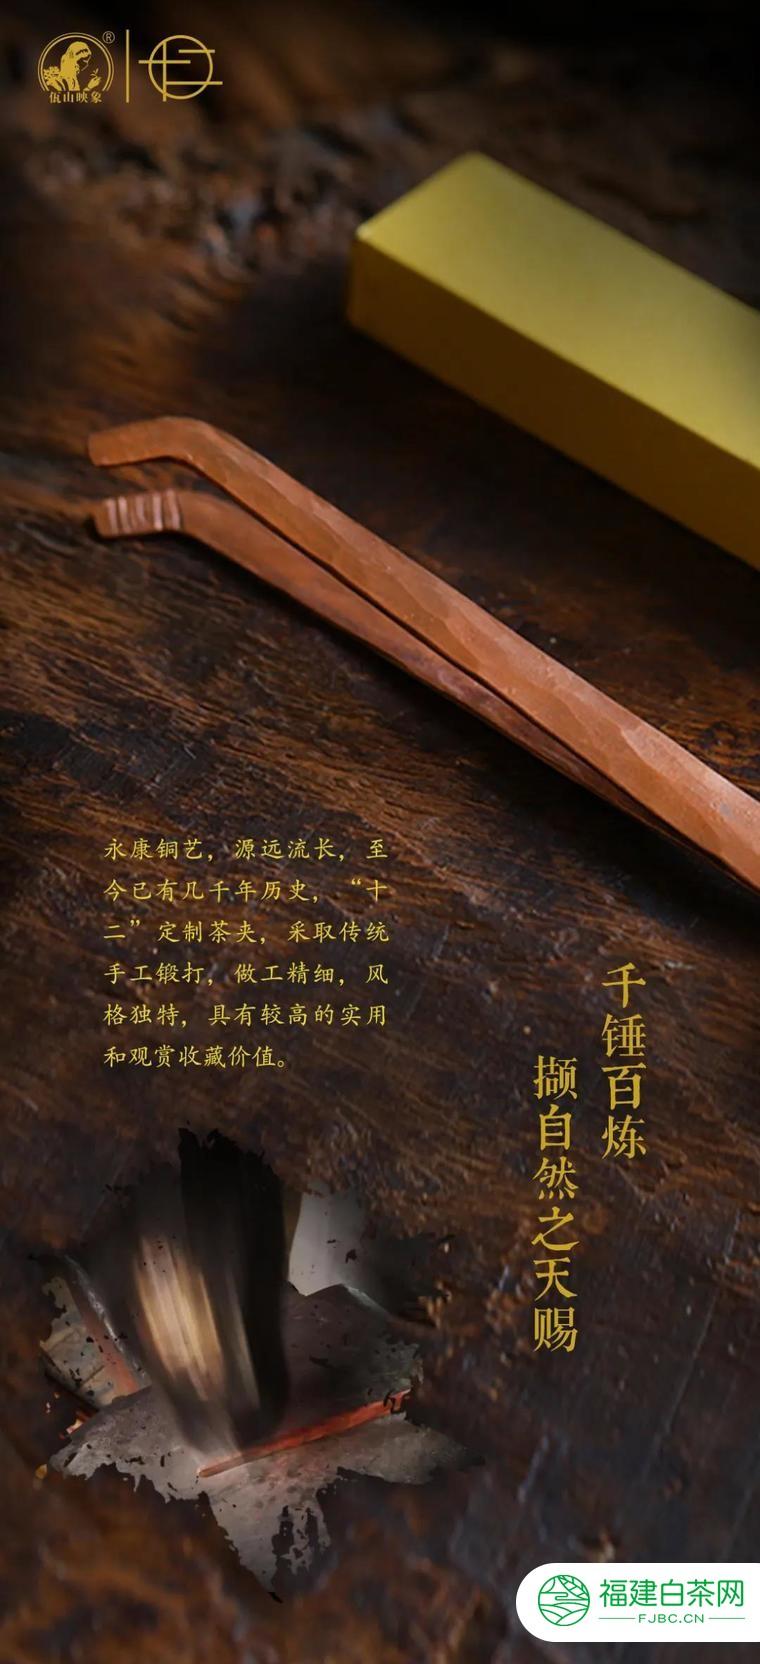 佤山映象新品上市:十二,中秋熟茶礼盒